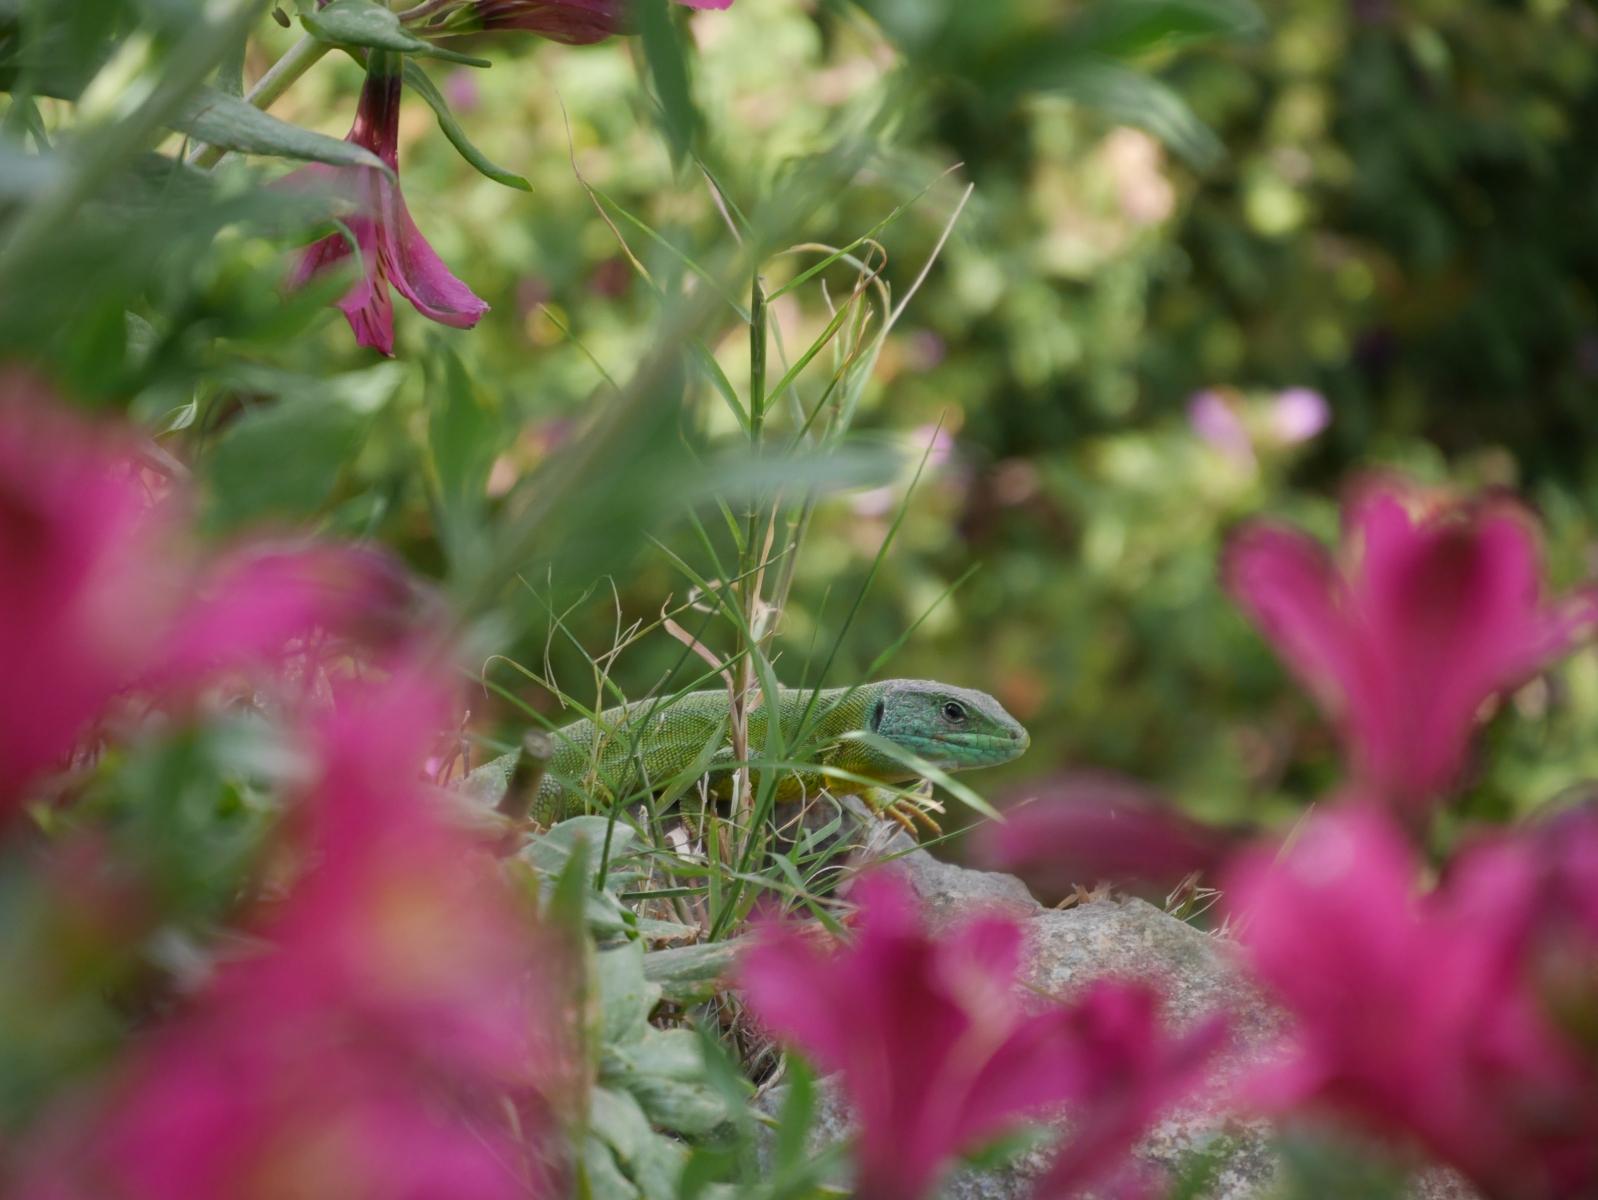 Eine Türkisgrüne und sehr scheue Echse von gut 20 cm Länge kriecht am Boden.